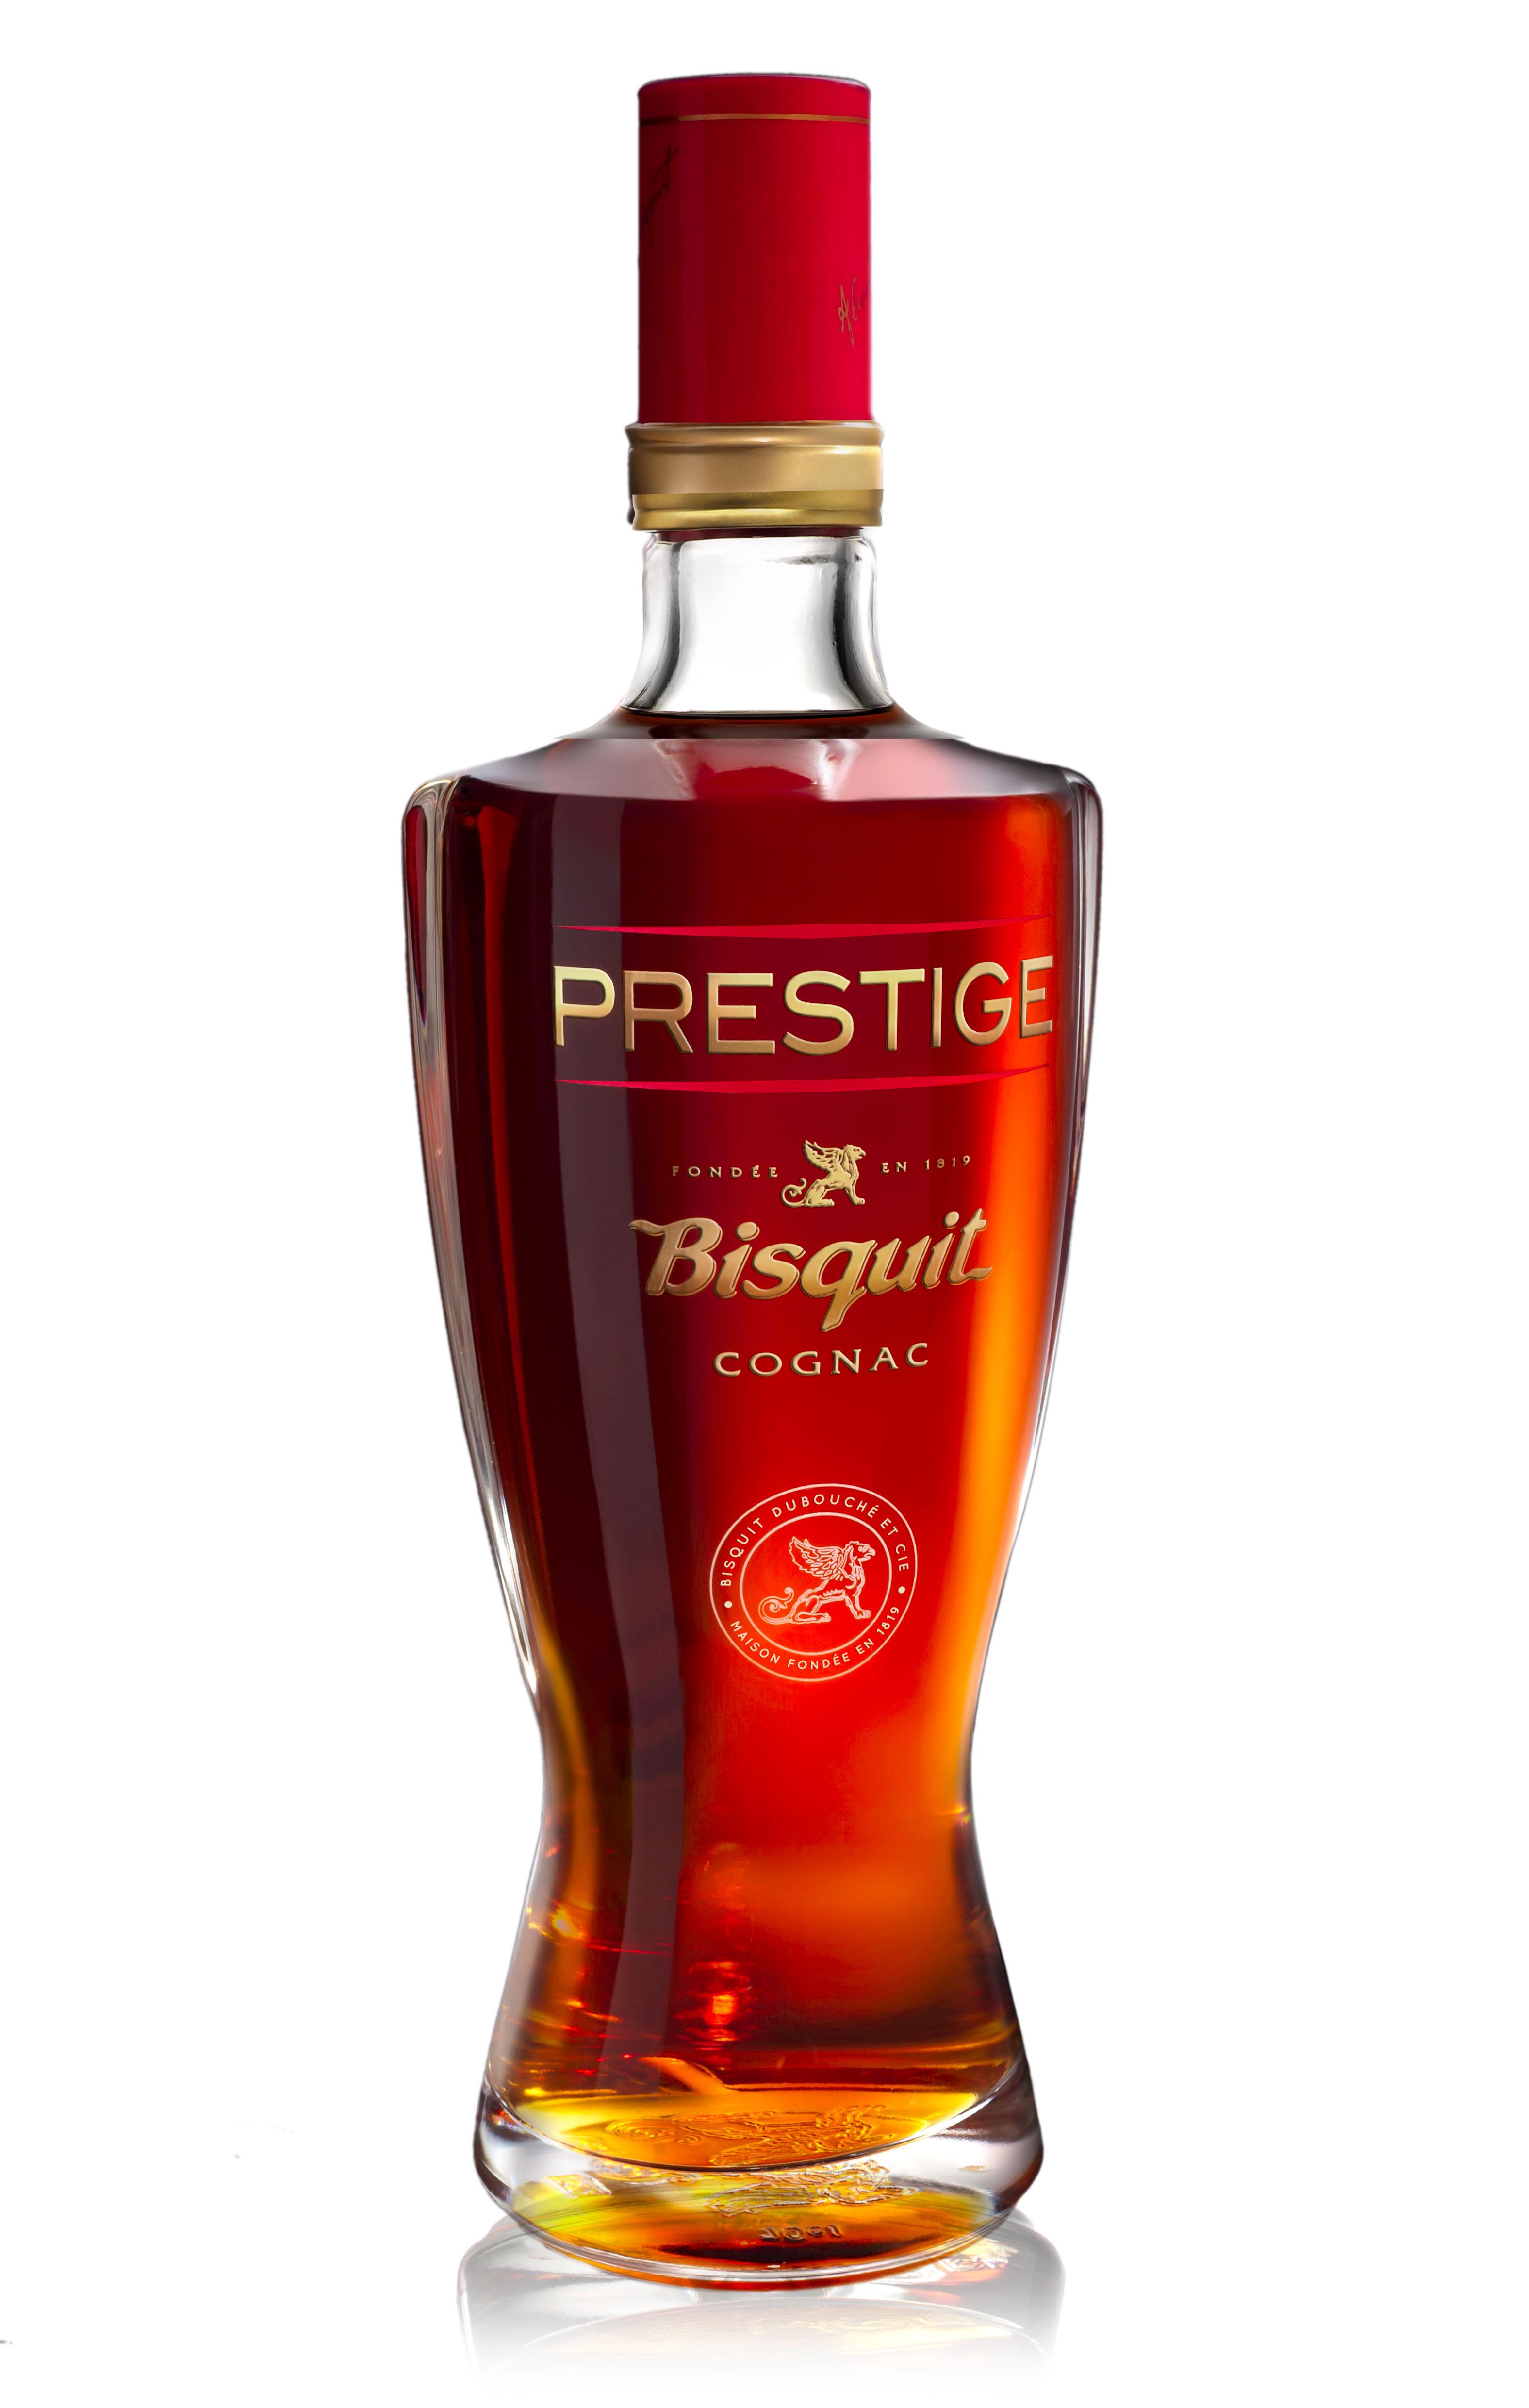 Bisquit prestige case study how to design a cognac bottle for Cognac design